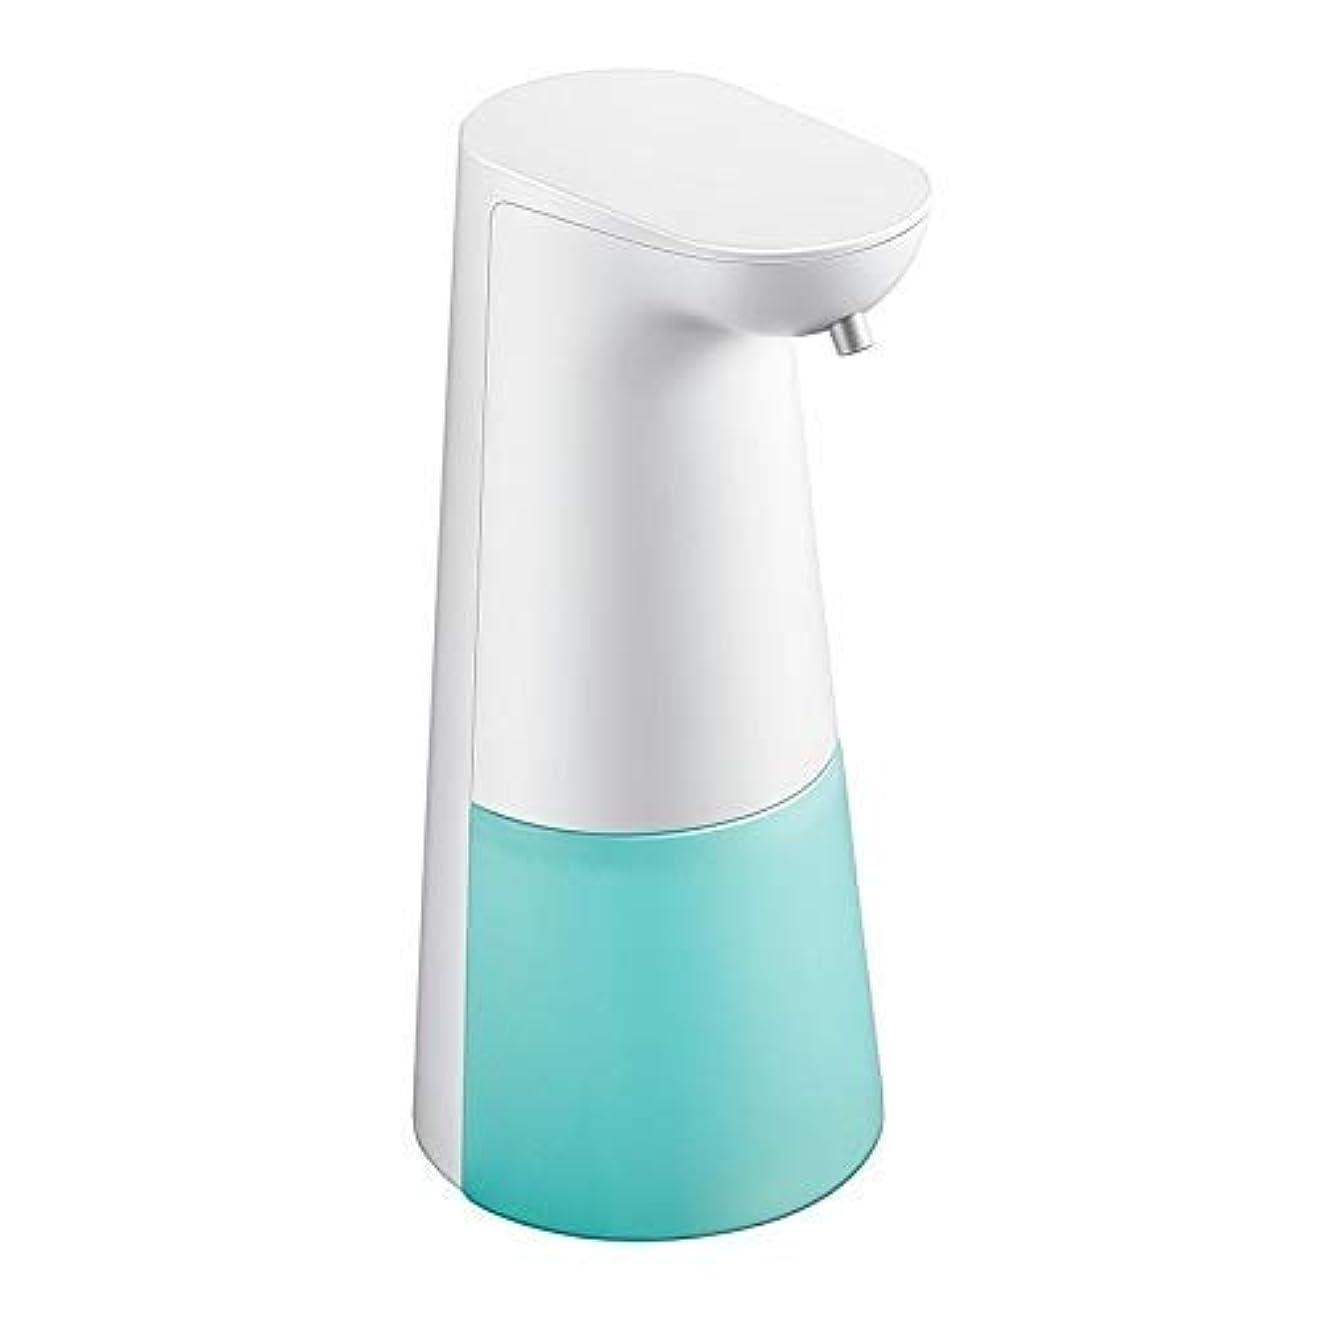 悪質なバリアつば自動誘導の泡の石鹸機械ホテルの泡の石鹸ディスペンサーの自動手の消毒剤